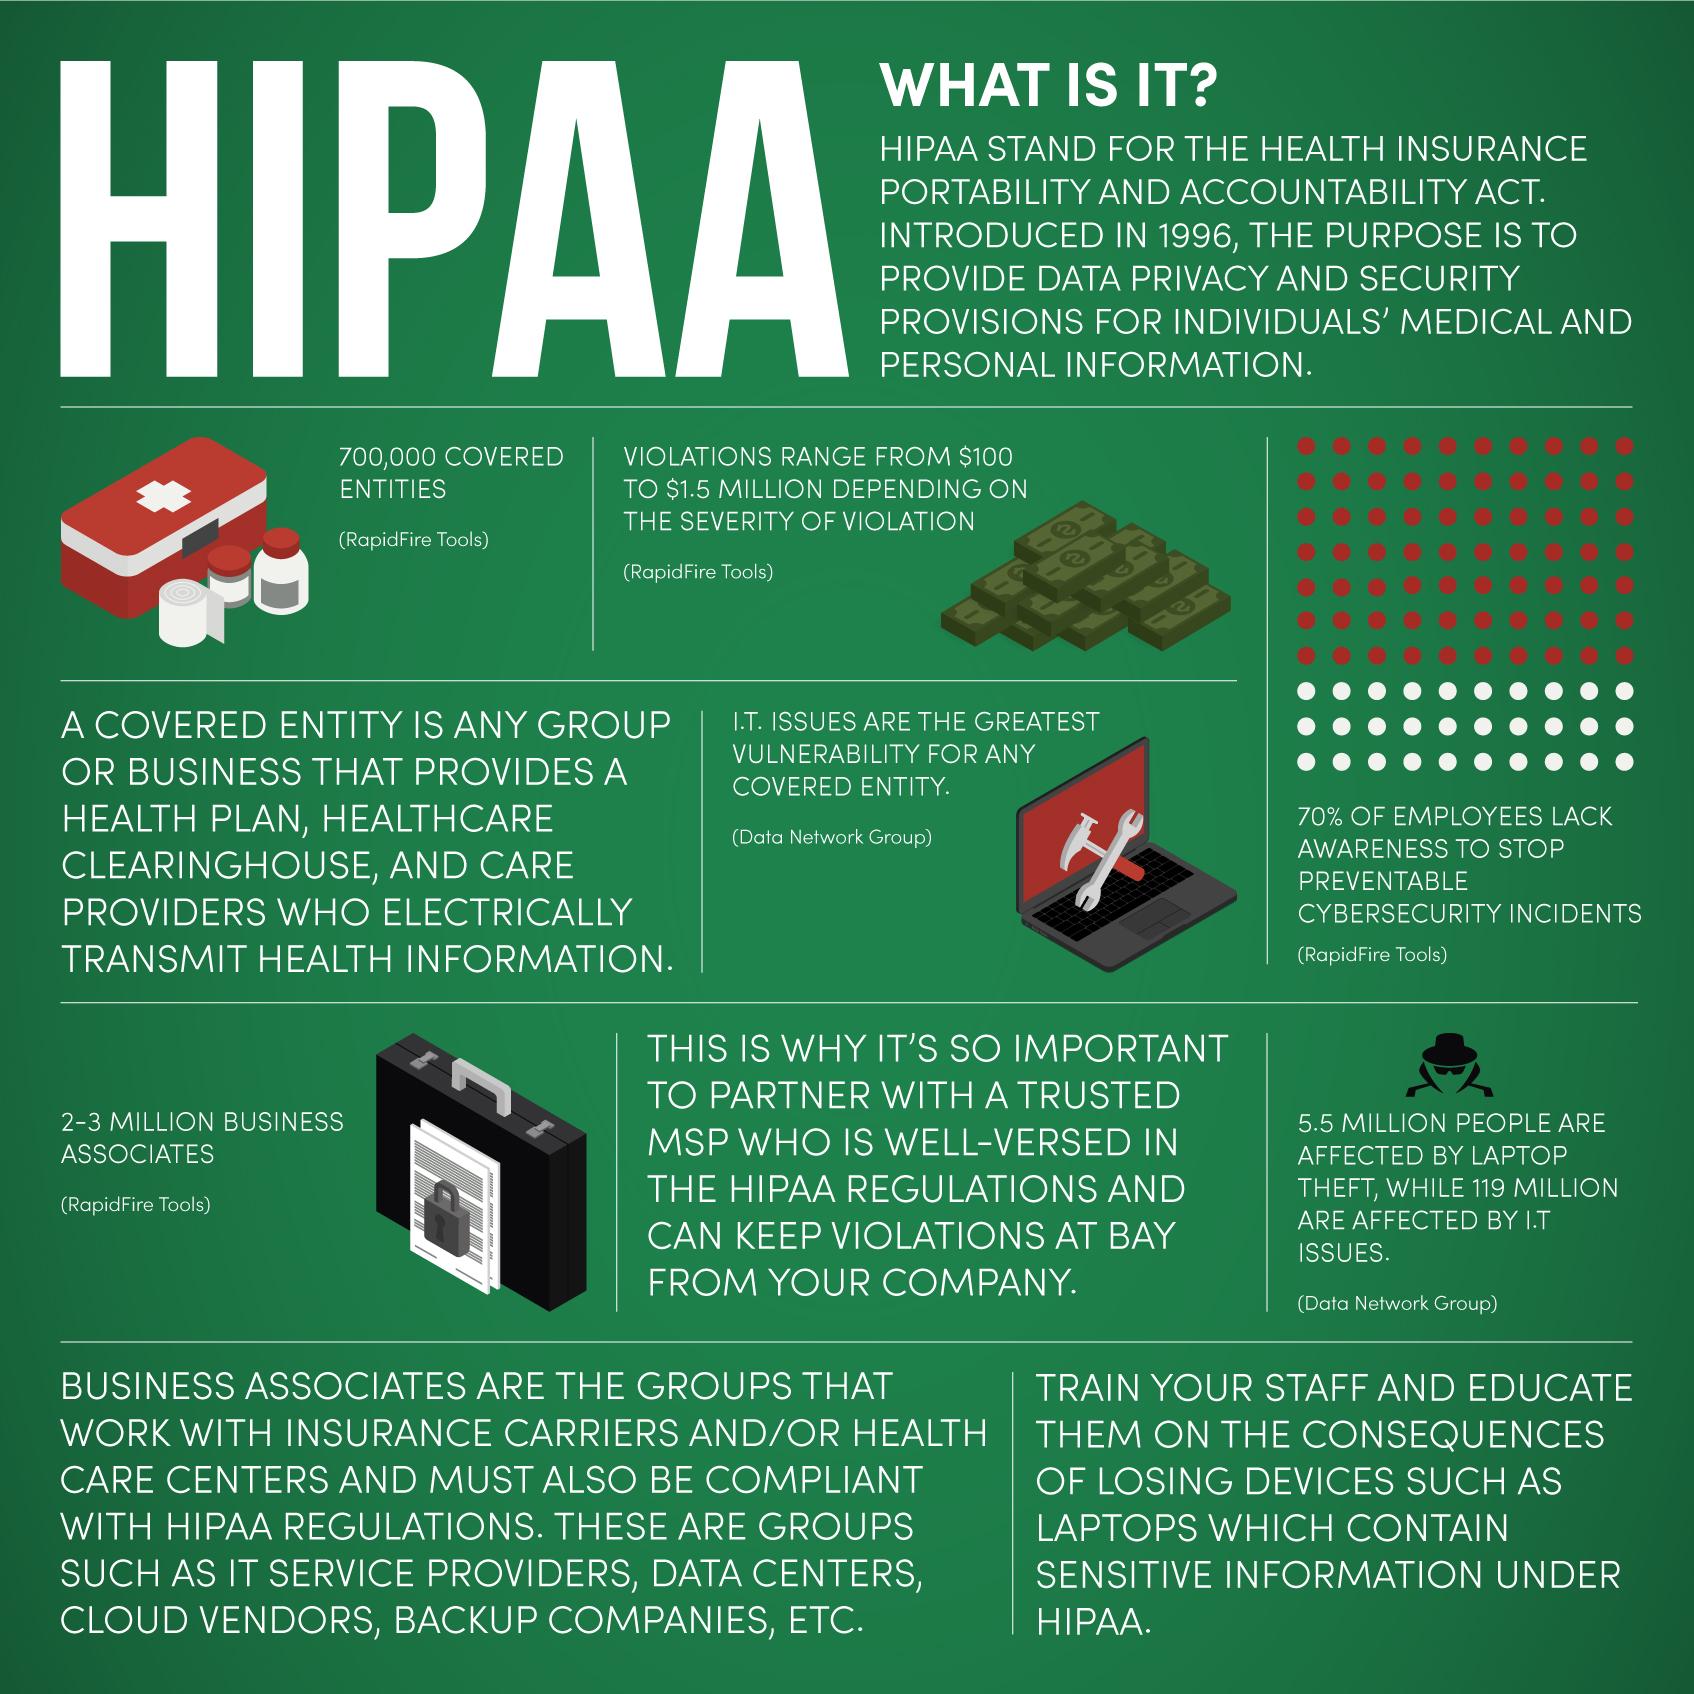 HIPAA, insurance industry, HIPAA requirements, HIPAA compliance